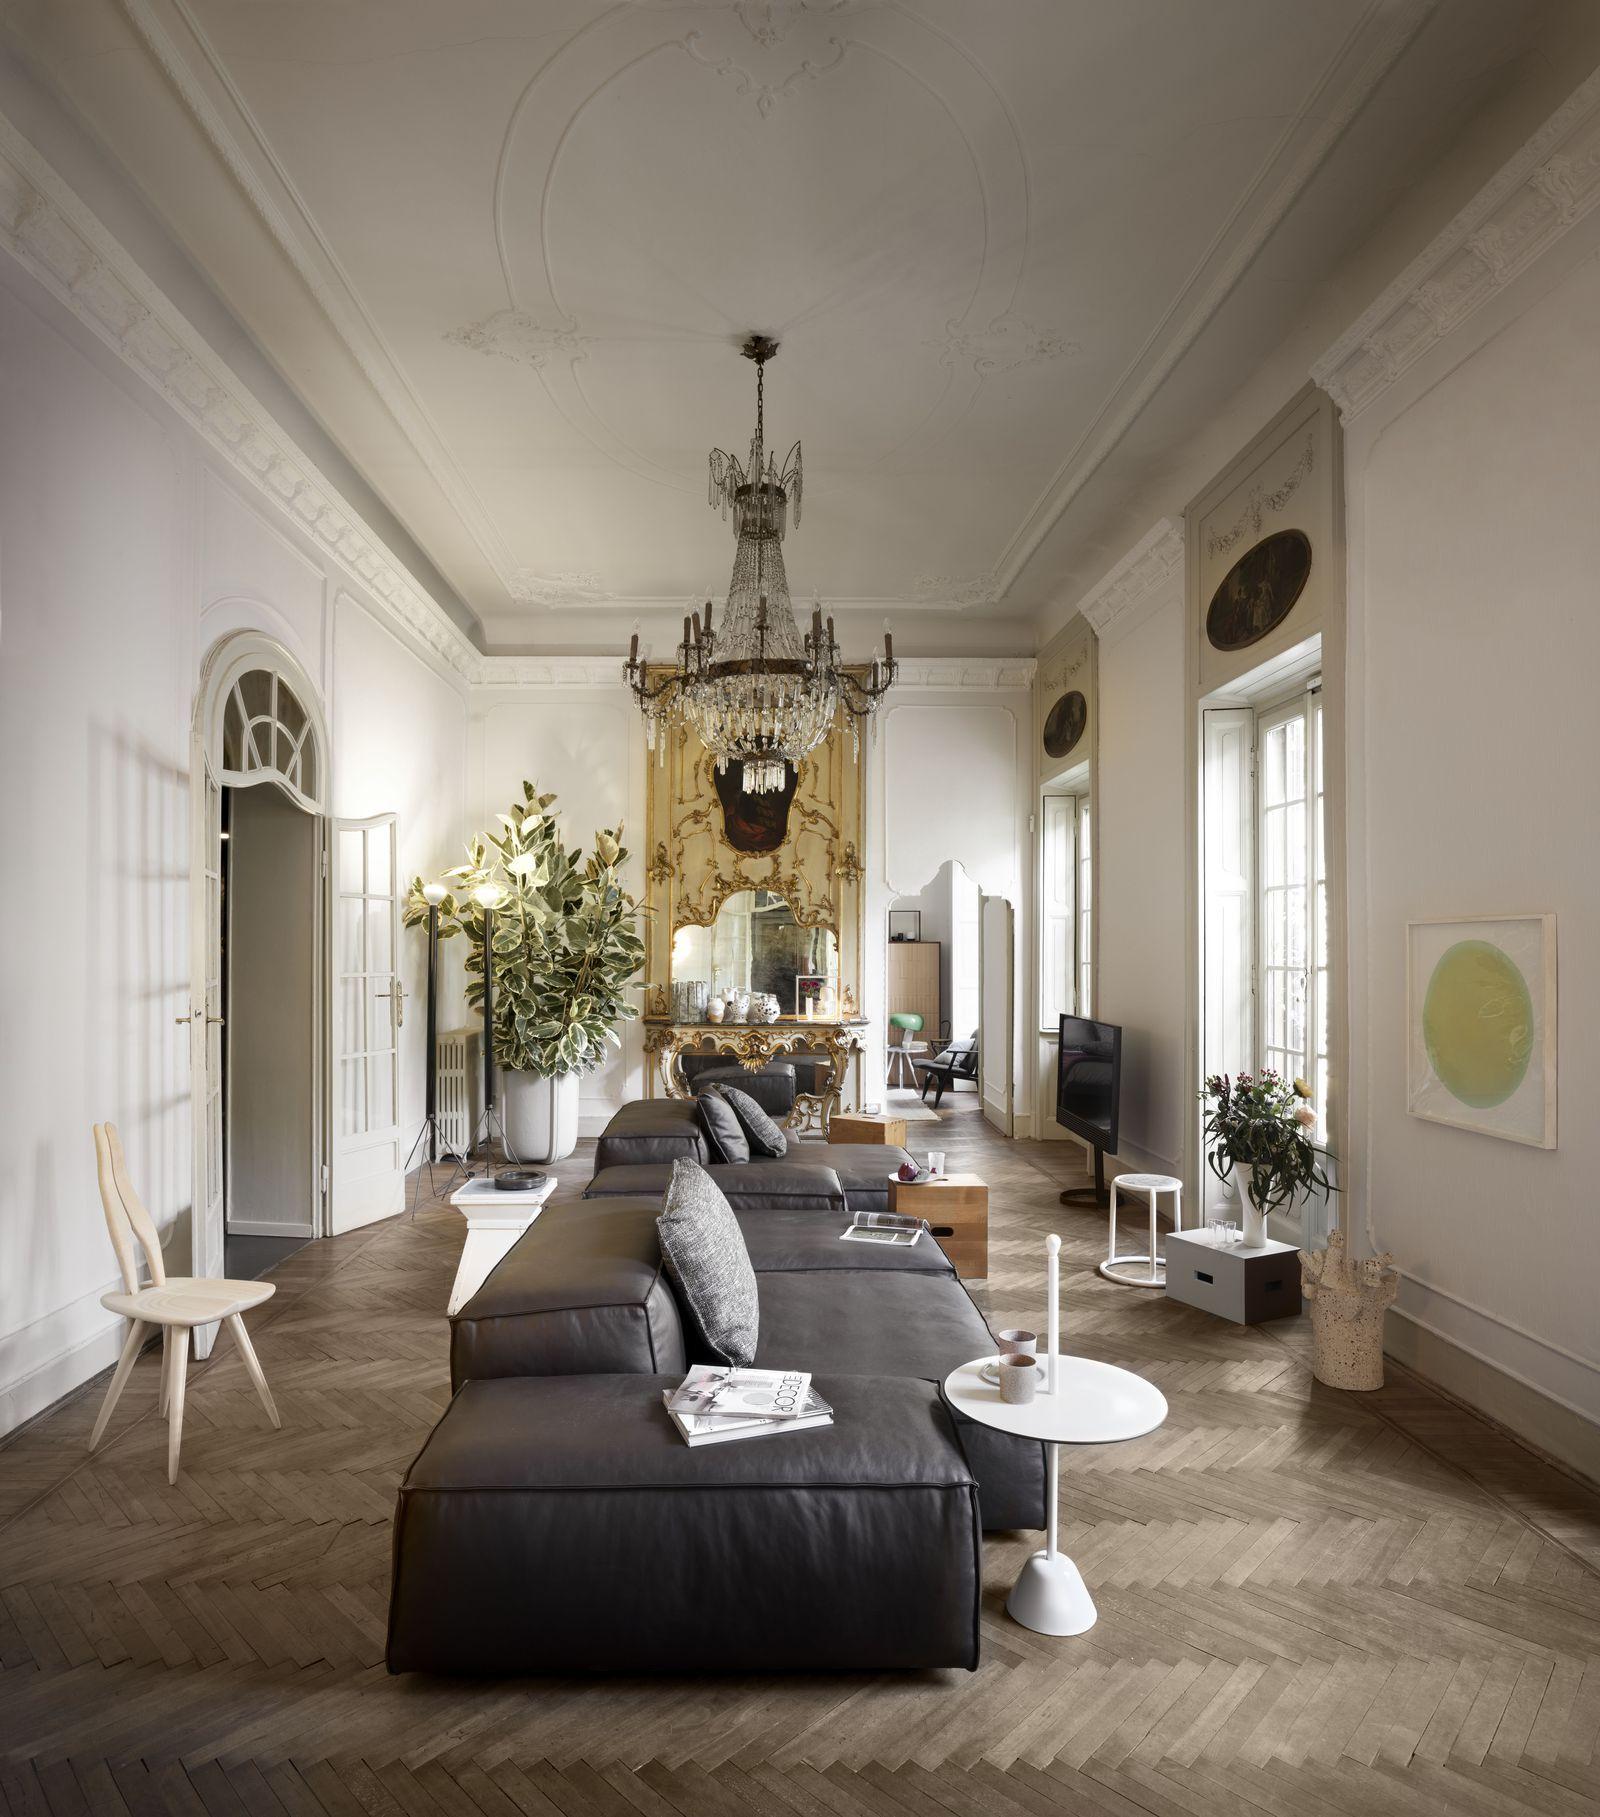 Elle Decor Italia + Air bnb presentano The Apartment: gli influencer selezionati da Blabla.agency raccontano lo spazio.